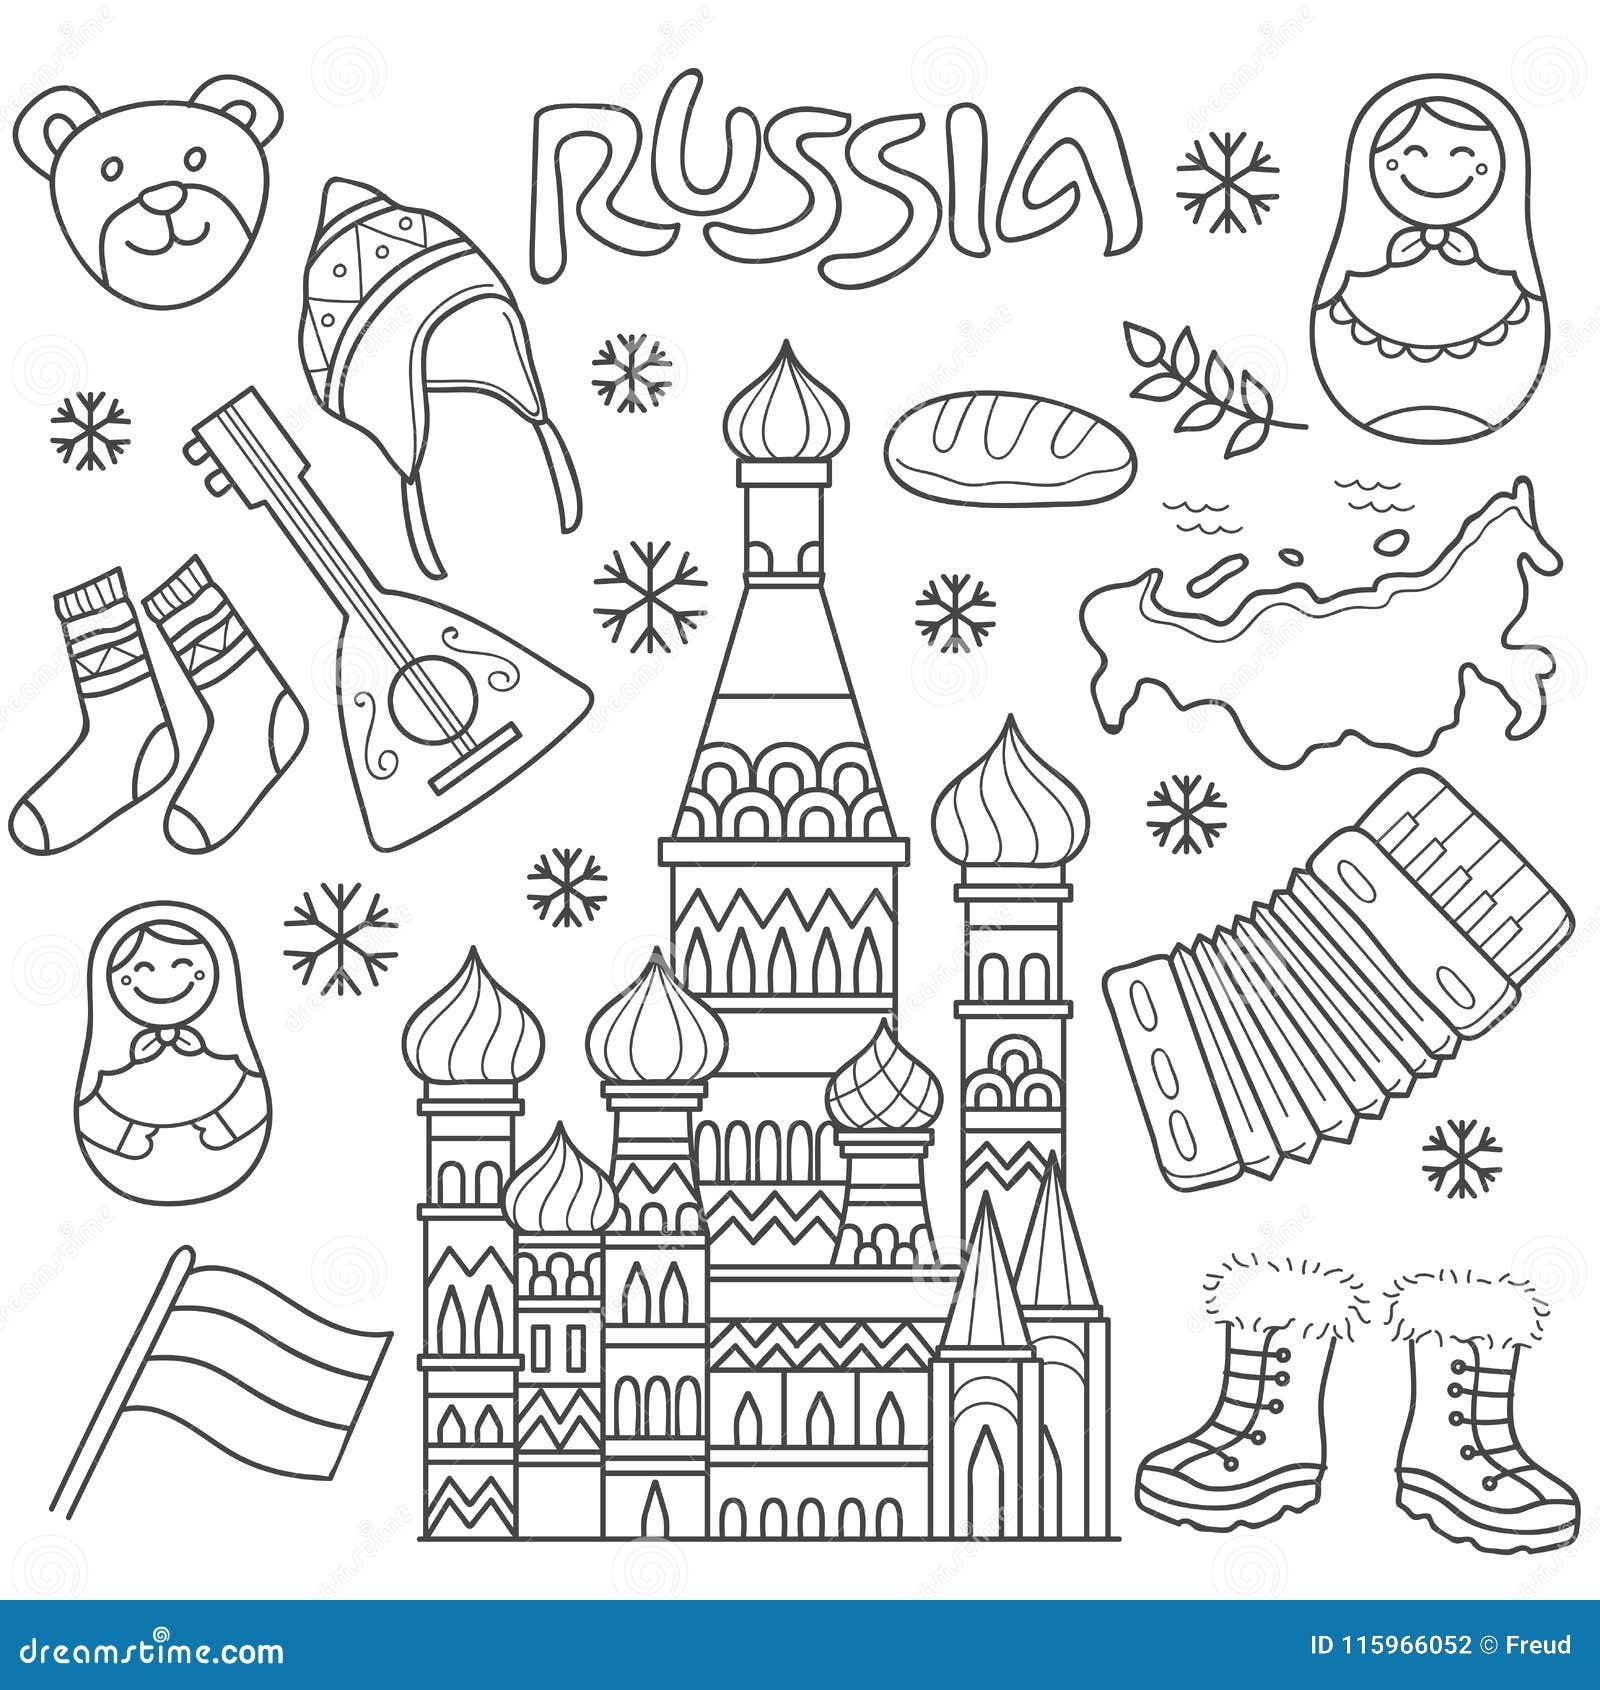 俄罗斯象元素